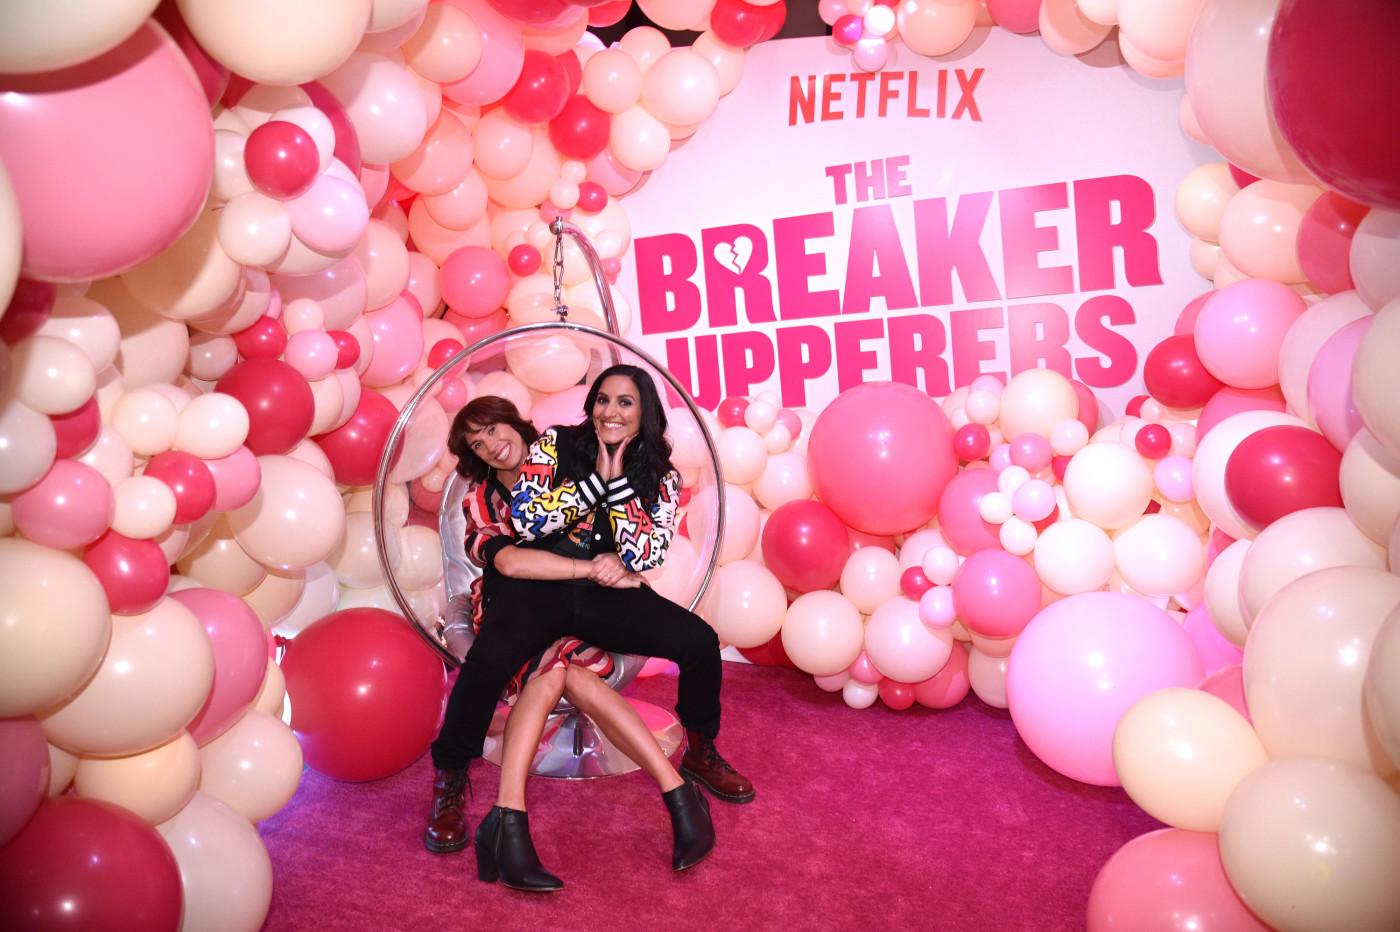 Jackie van Beek and Madeleine Sami of 'The Breaker Upperers'